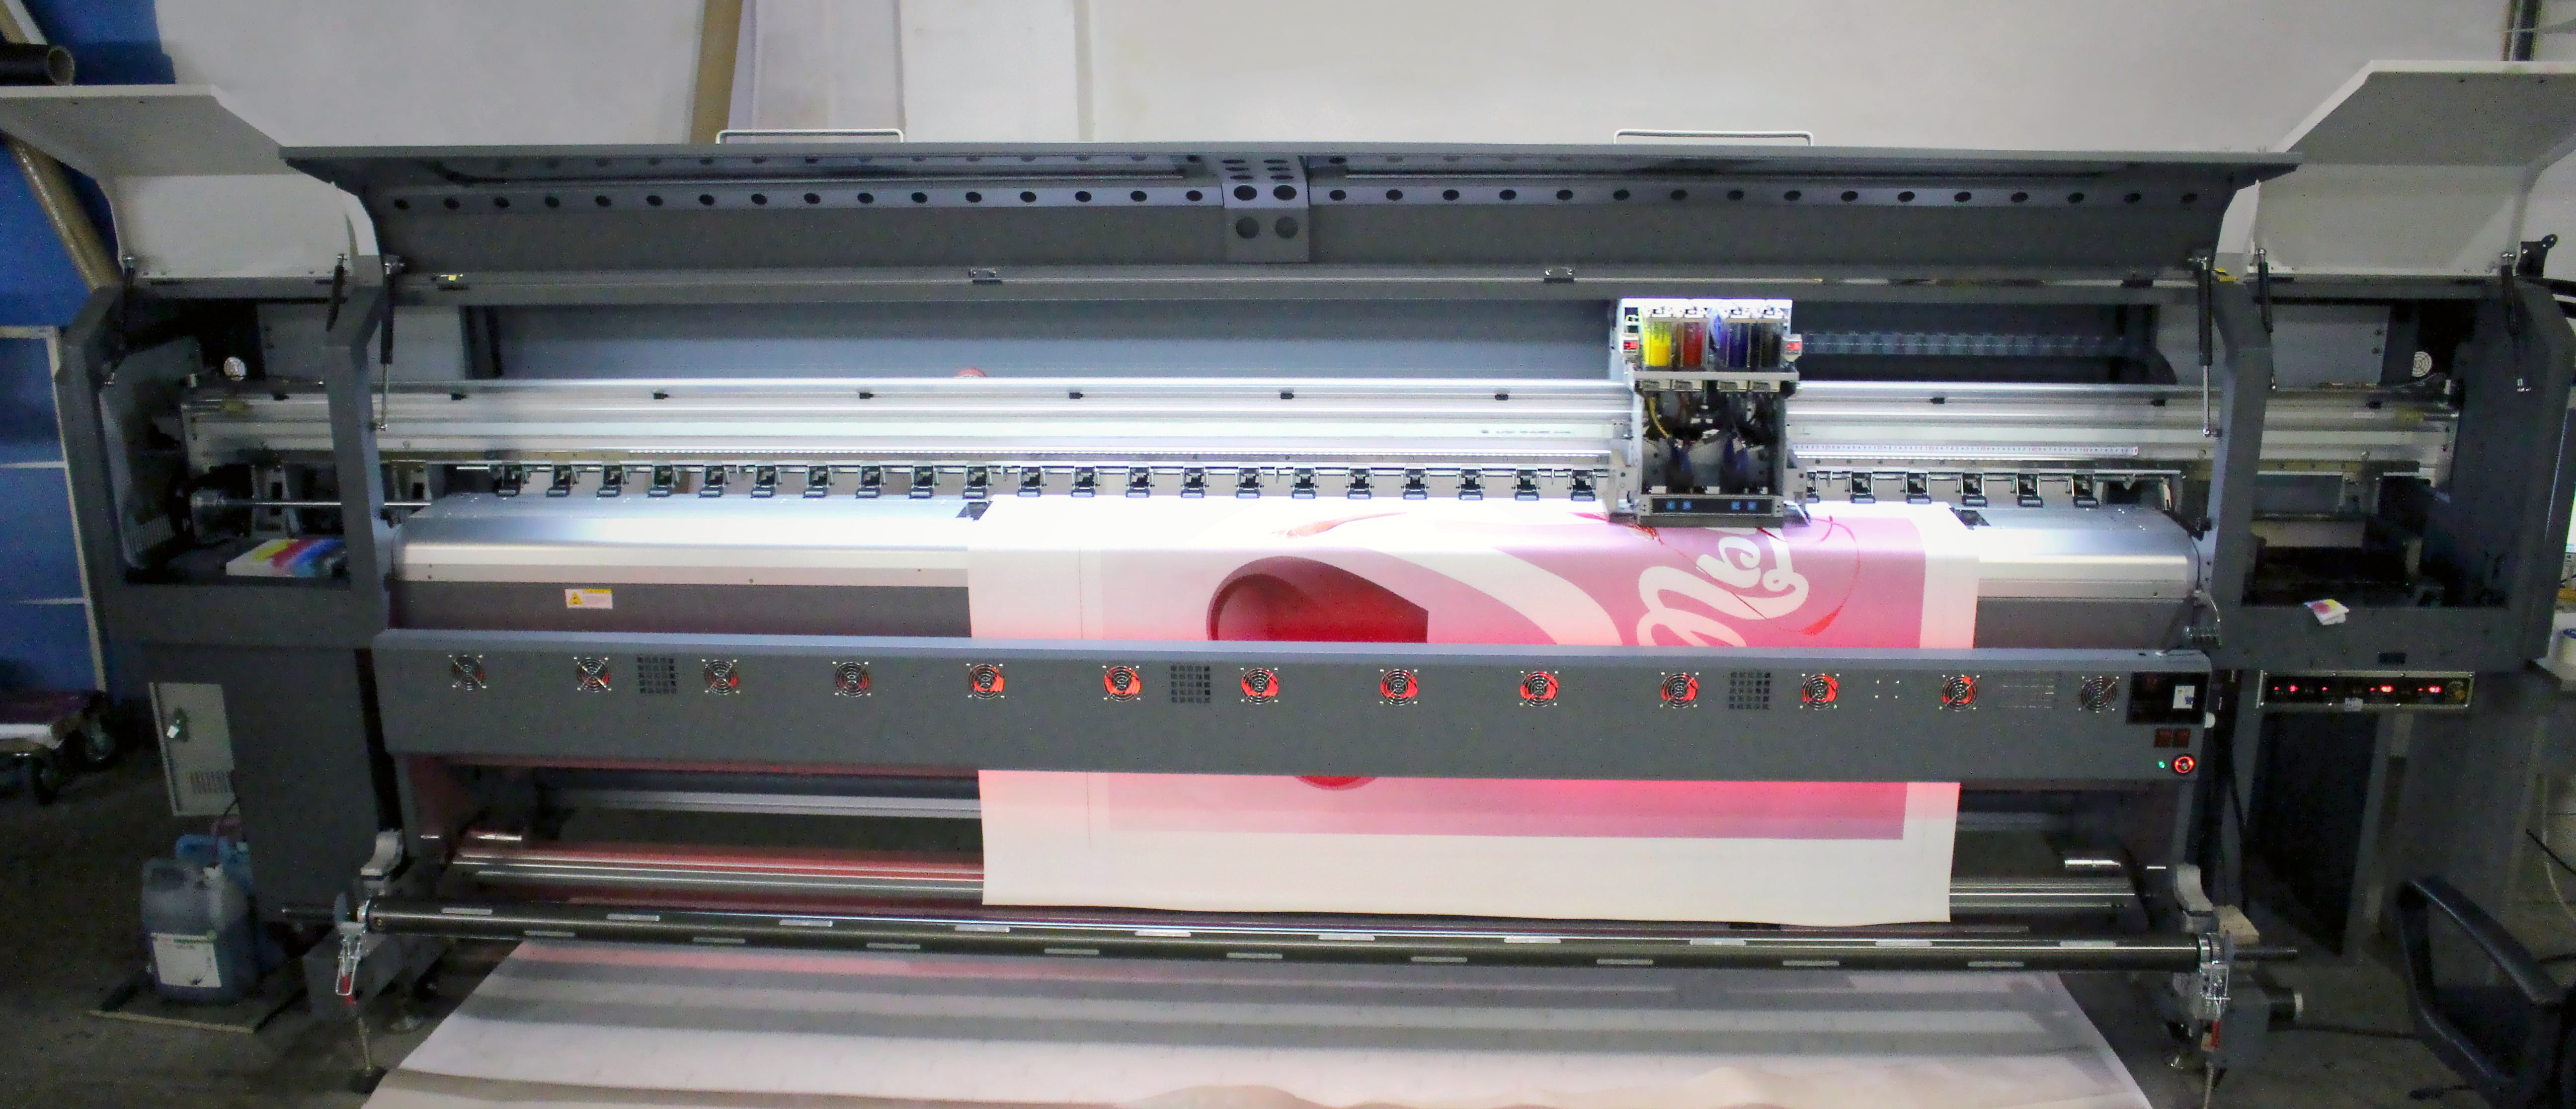 Печатное оборудование: ZEONJET-3202 DX-5 PRO